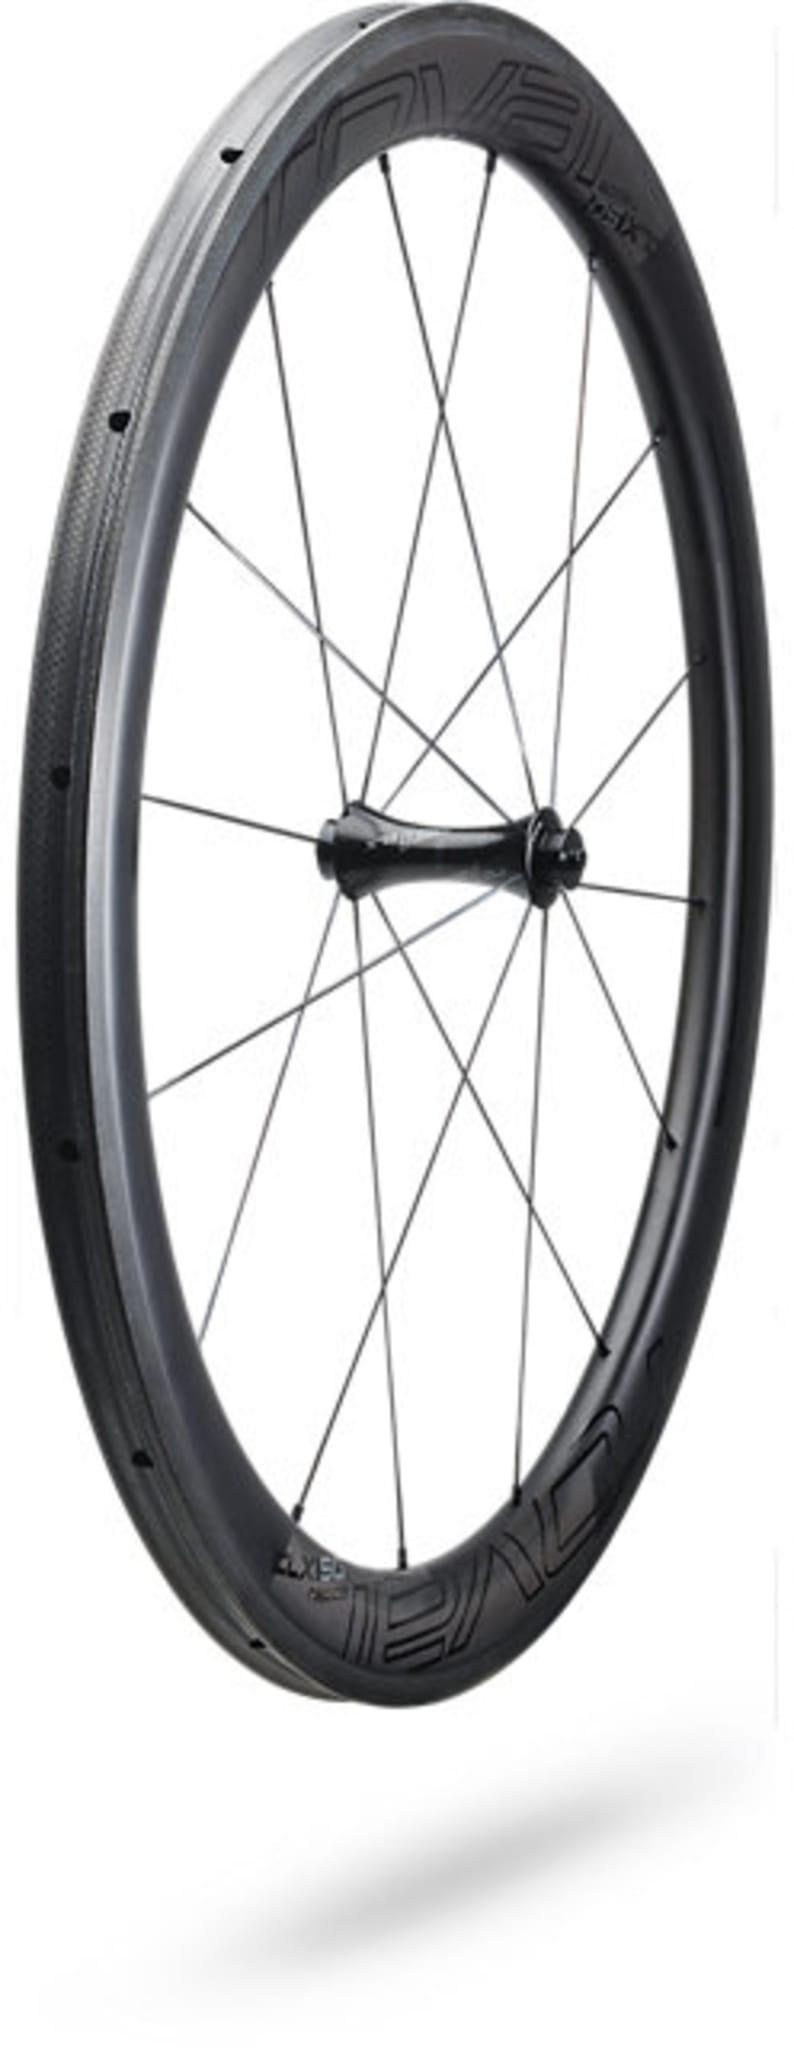 Raske og lette tubularhjul